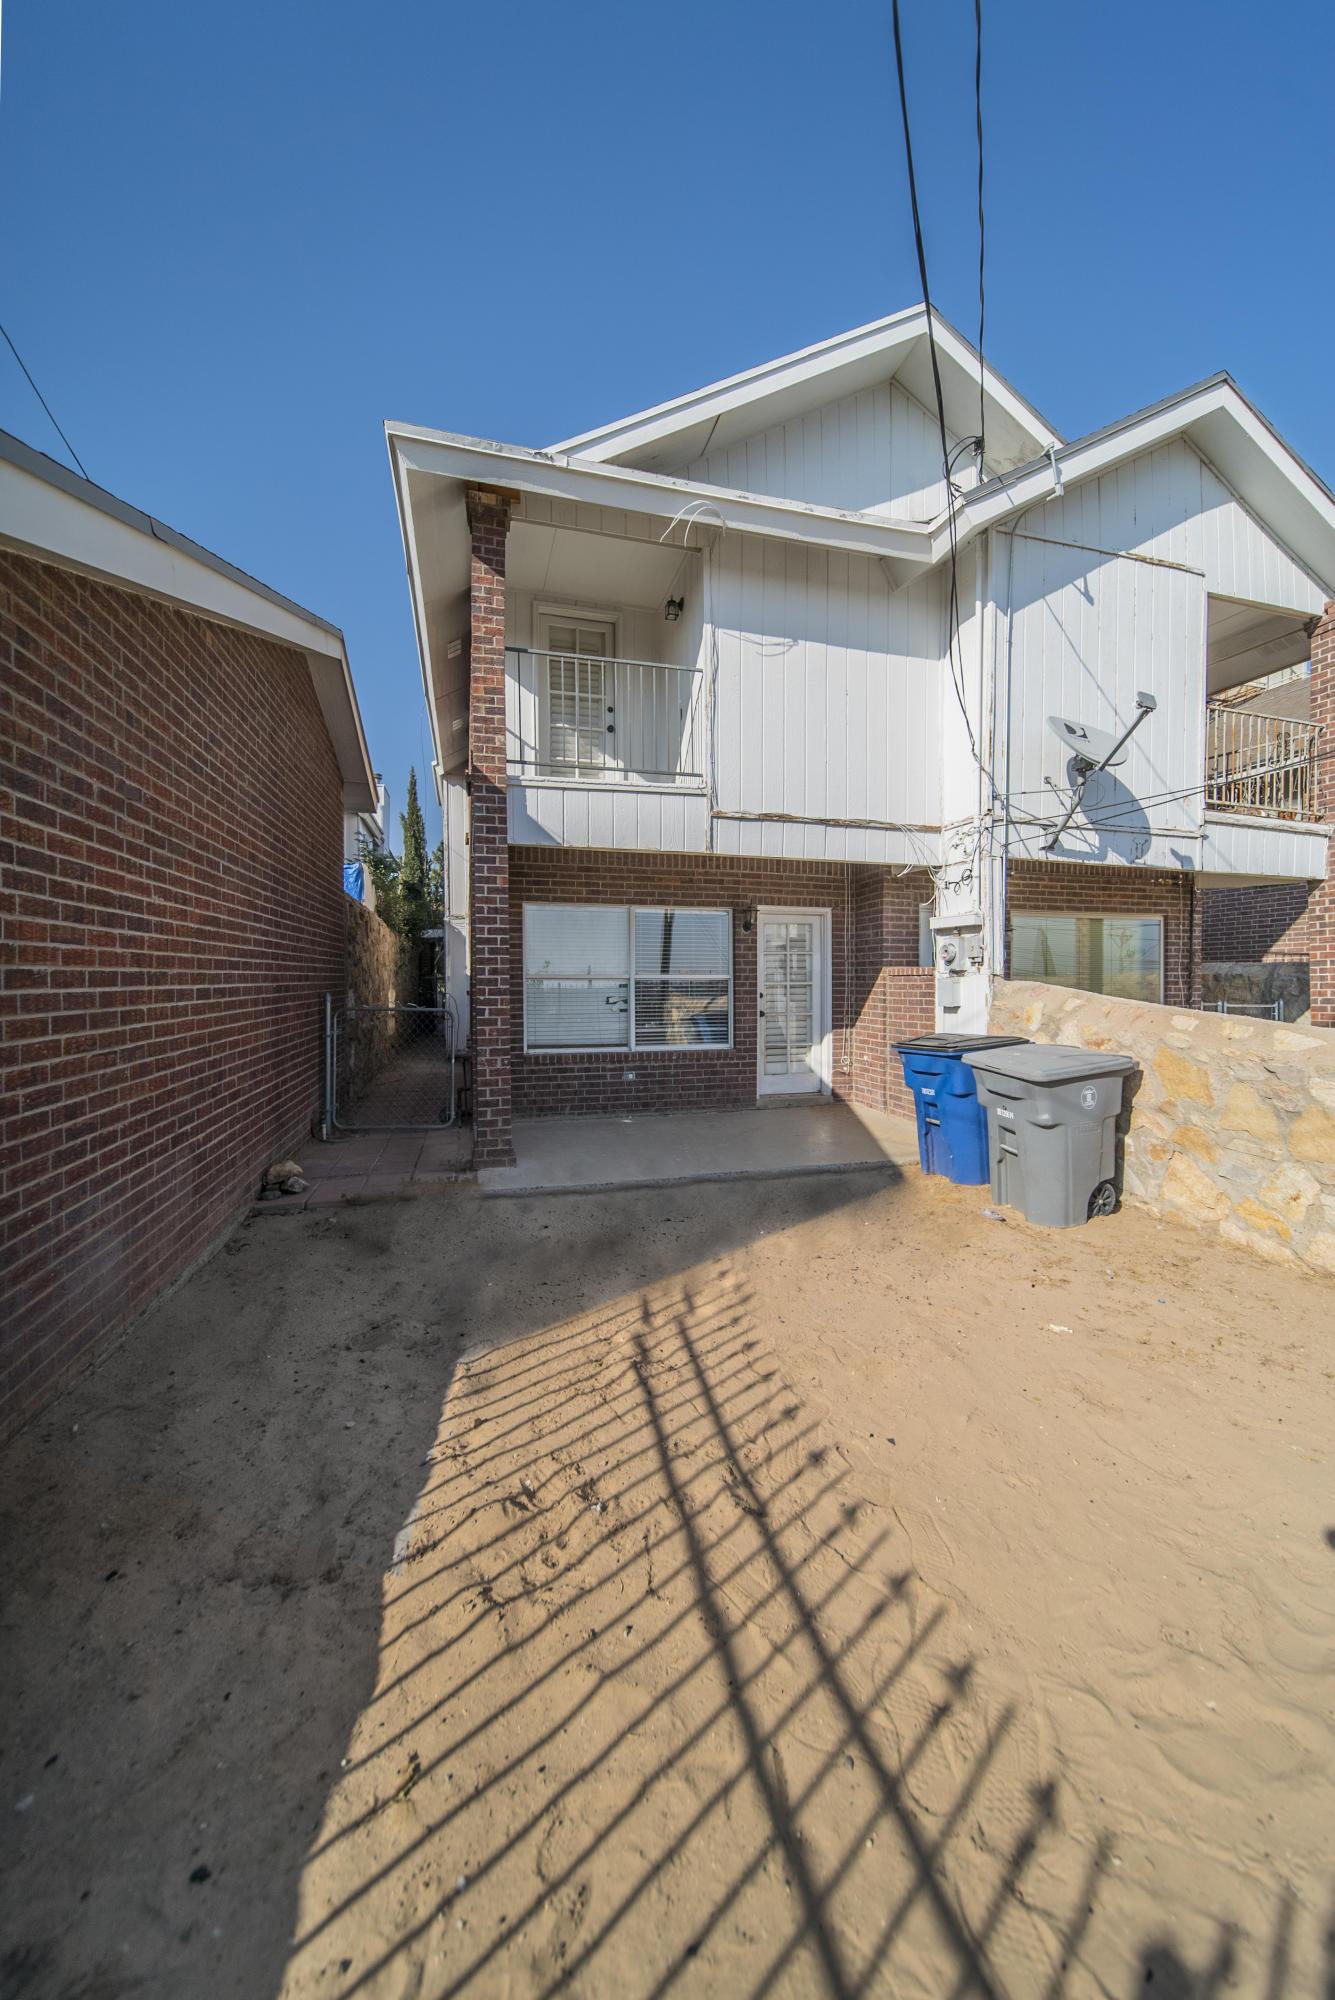 2032 Rogelio, El Paso, Texas 79902, 2 Bedrooms Bedrooms, ,3 BathroomsBathrooms,Residential,For sale,Rogelio,835761